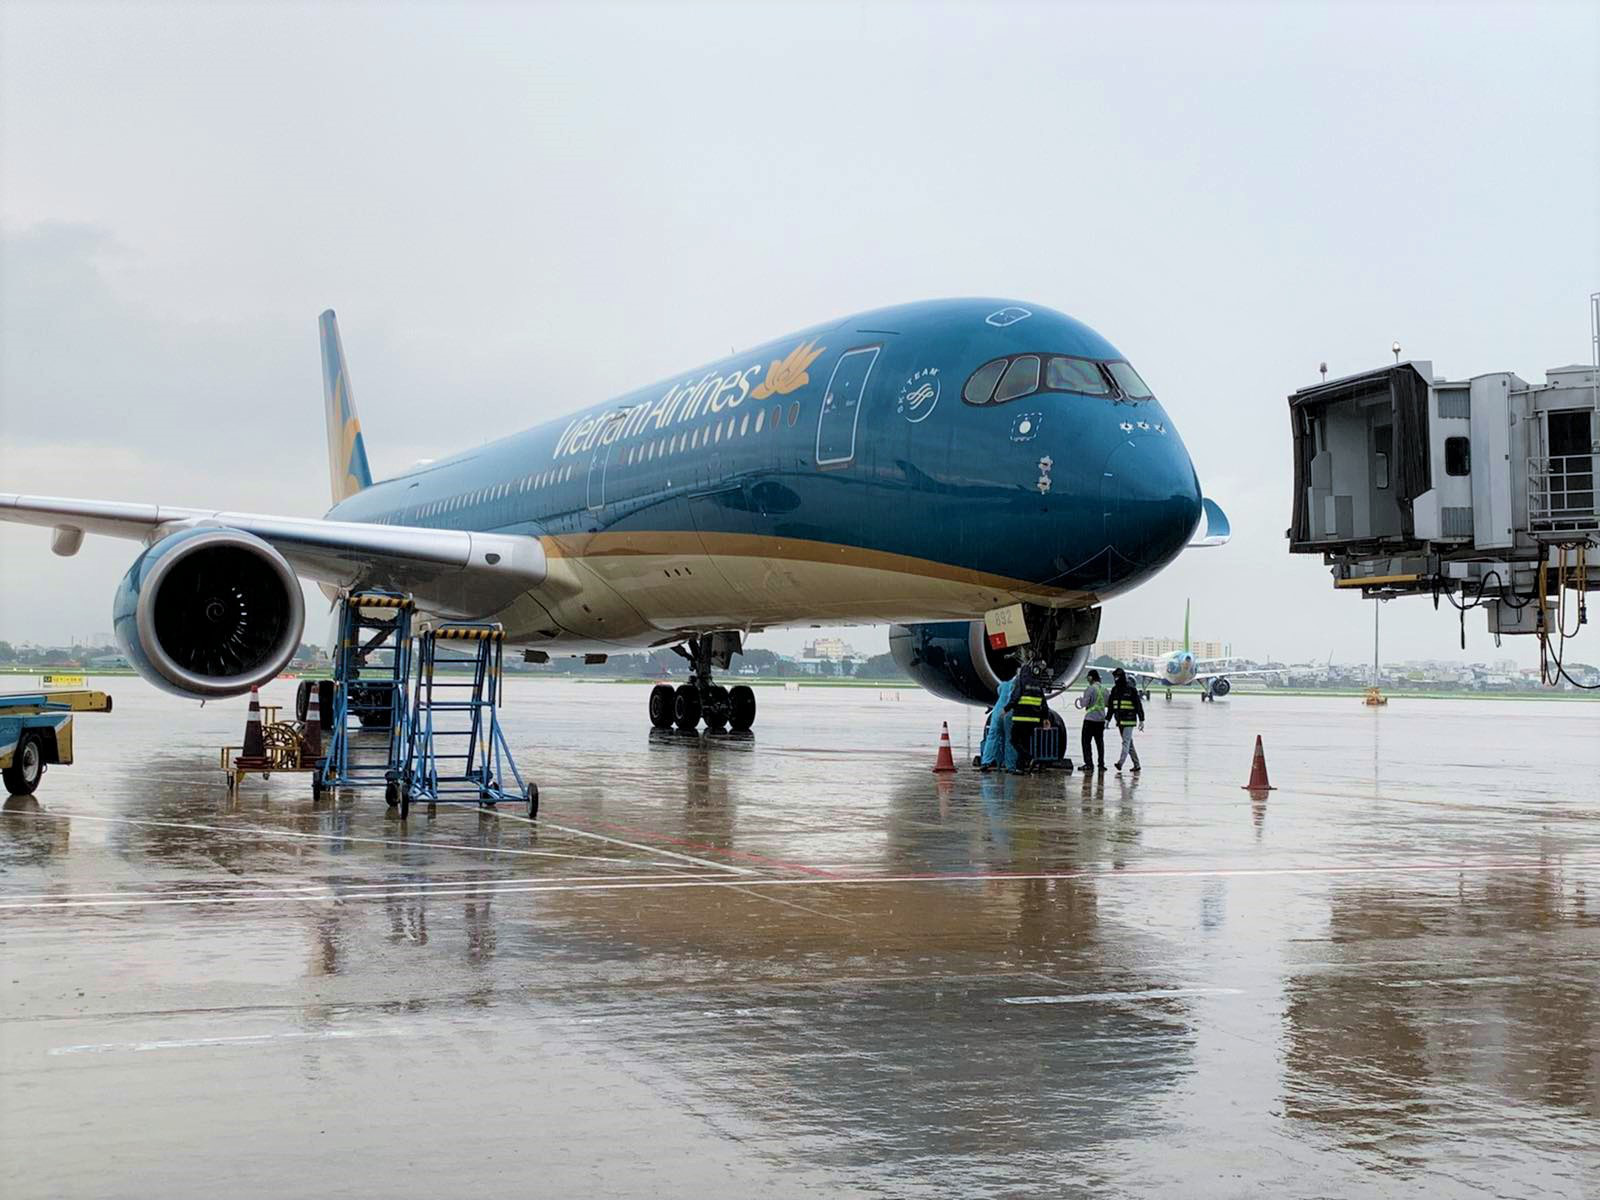 Sân bay Nội Bài sẽ có 3 đường cất/hạ cánh trong tương lai - Ảnh 1.